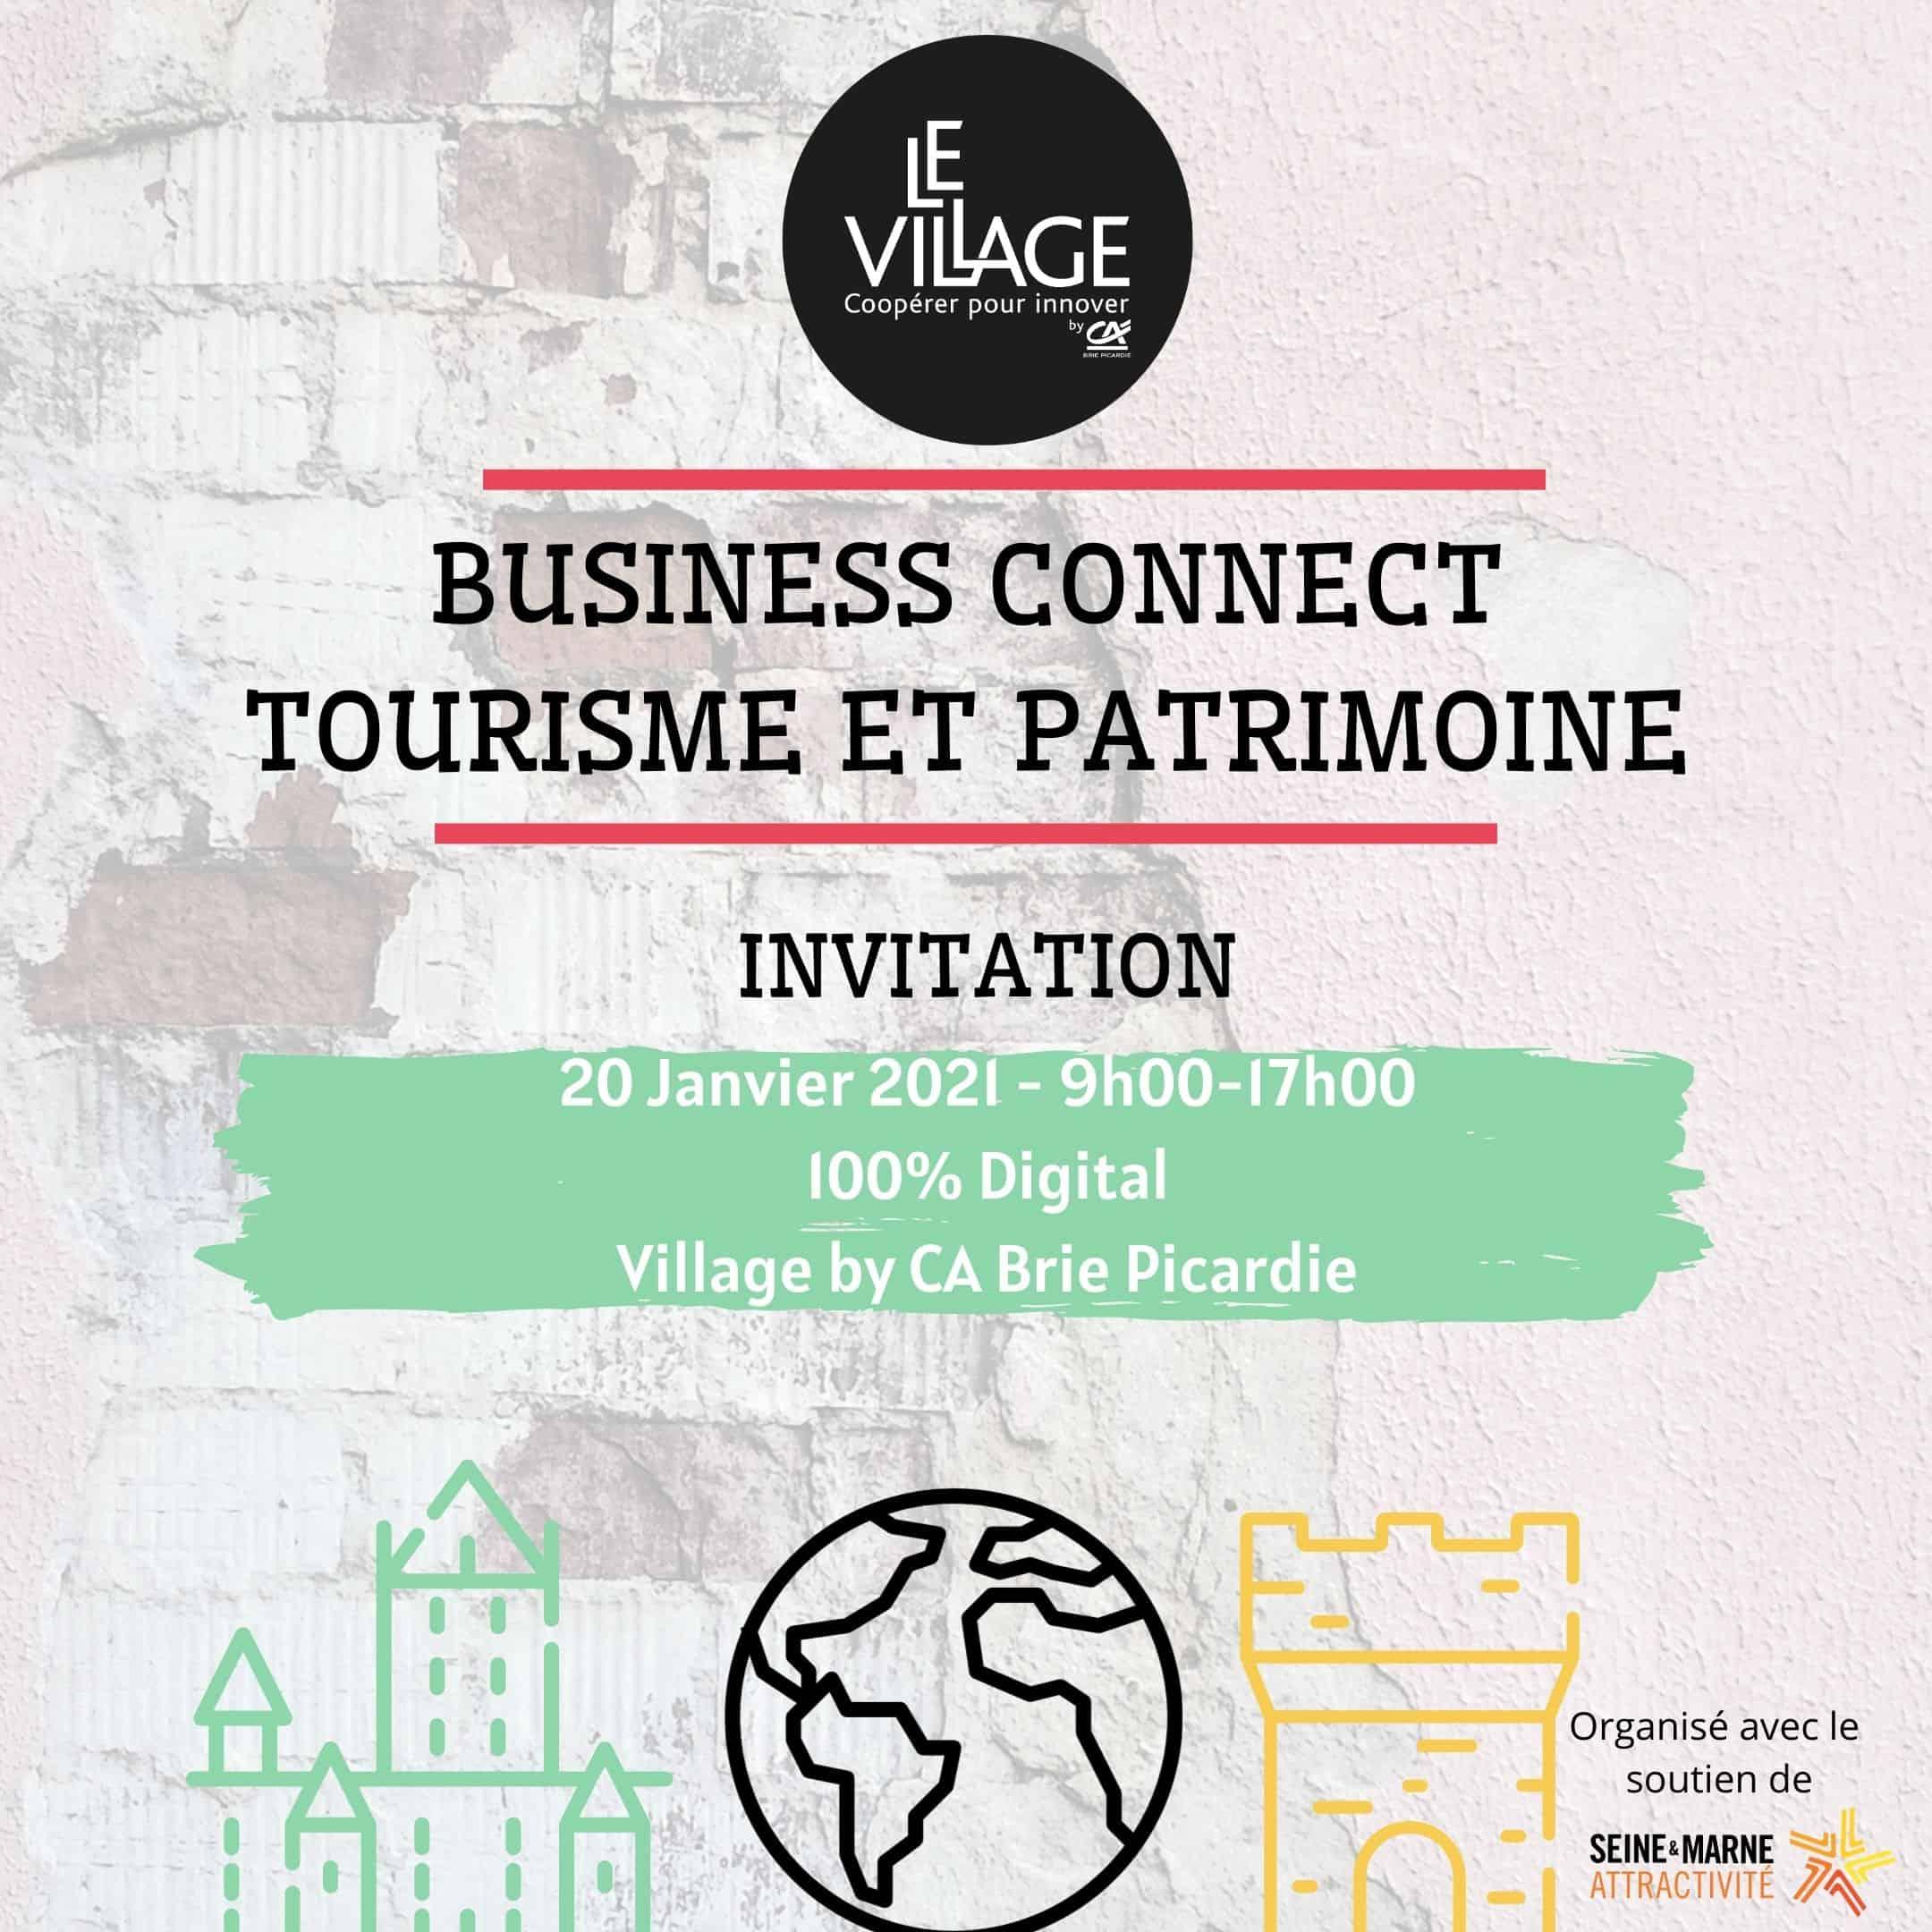 Invitation Business COnnect Tourisme et Patrimoine